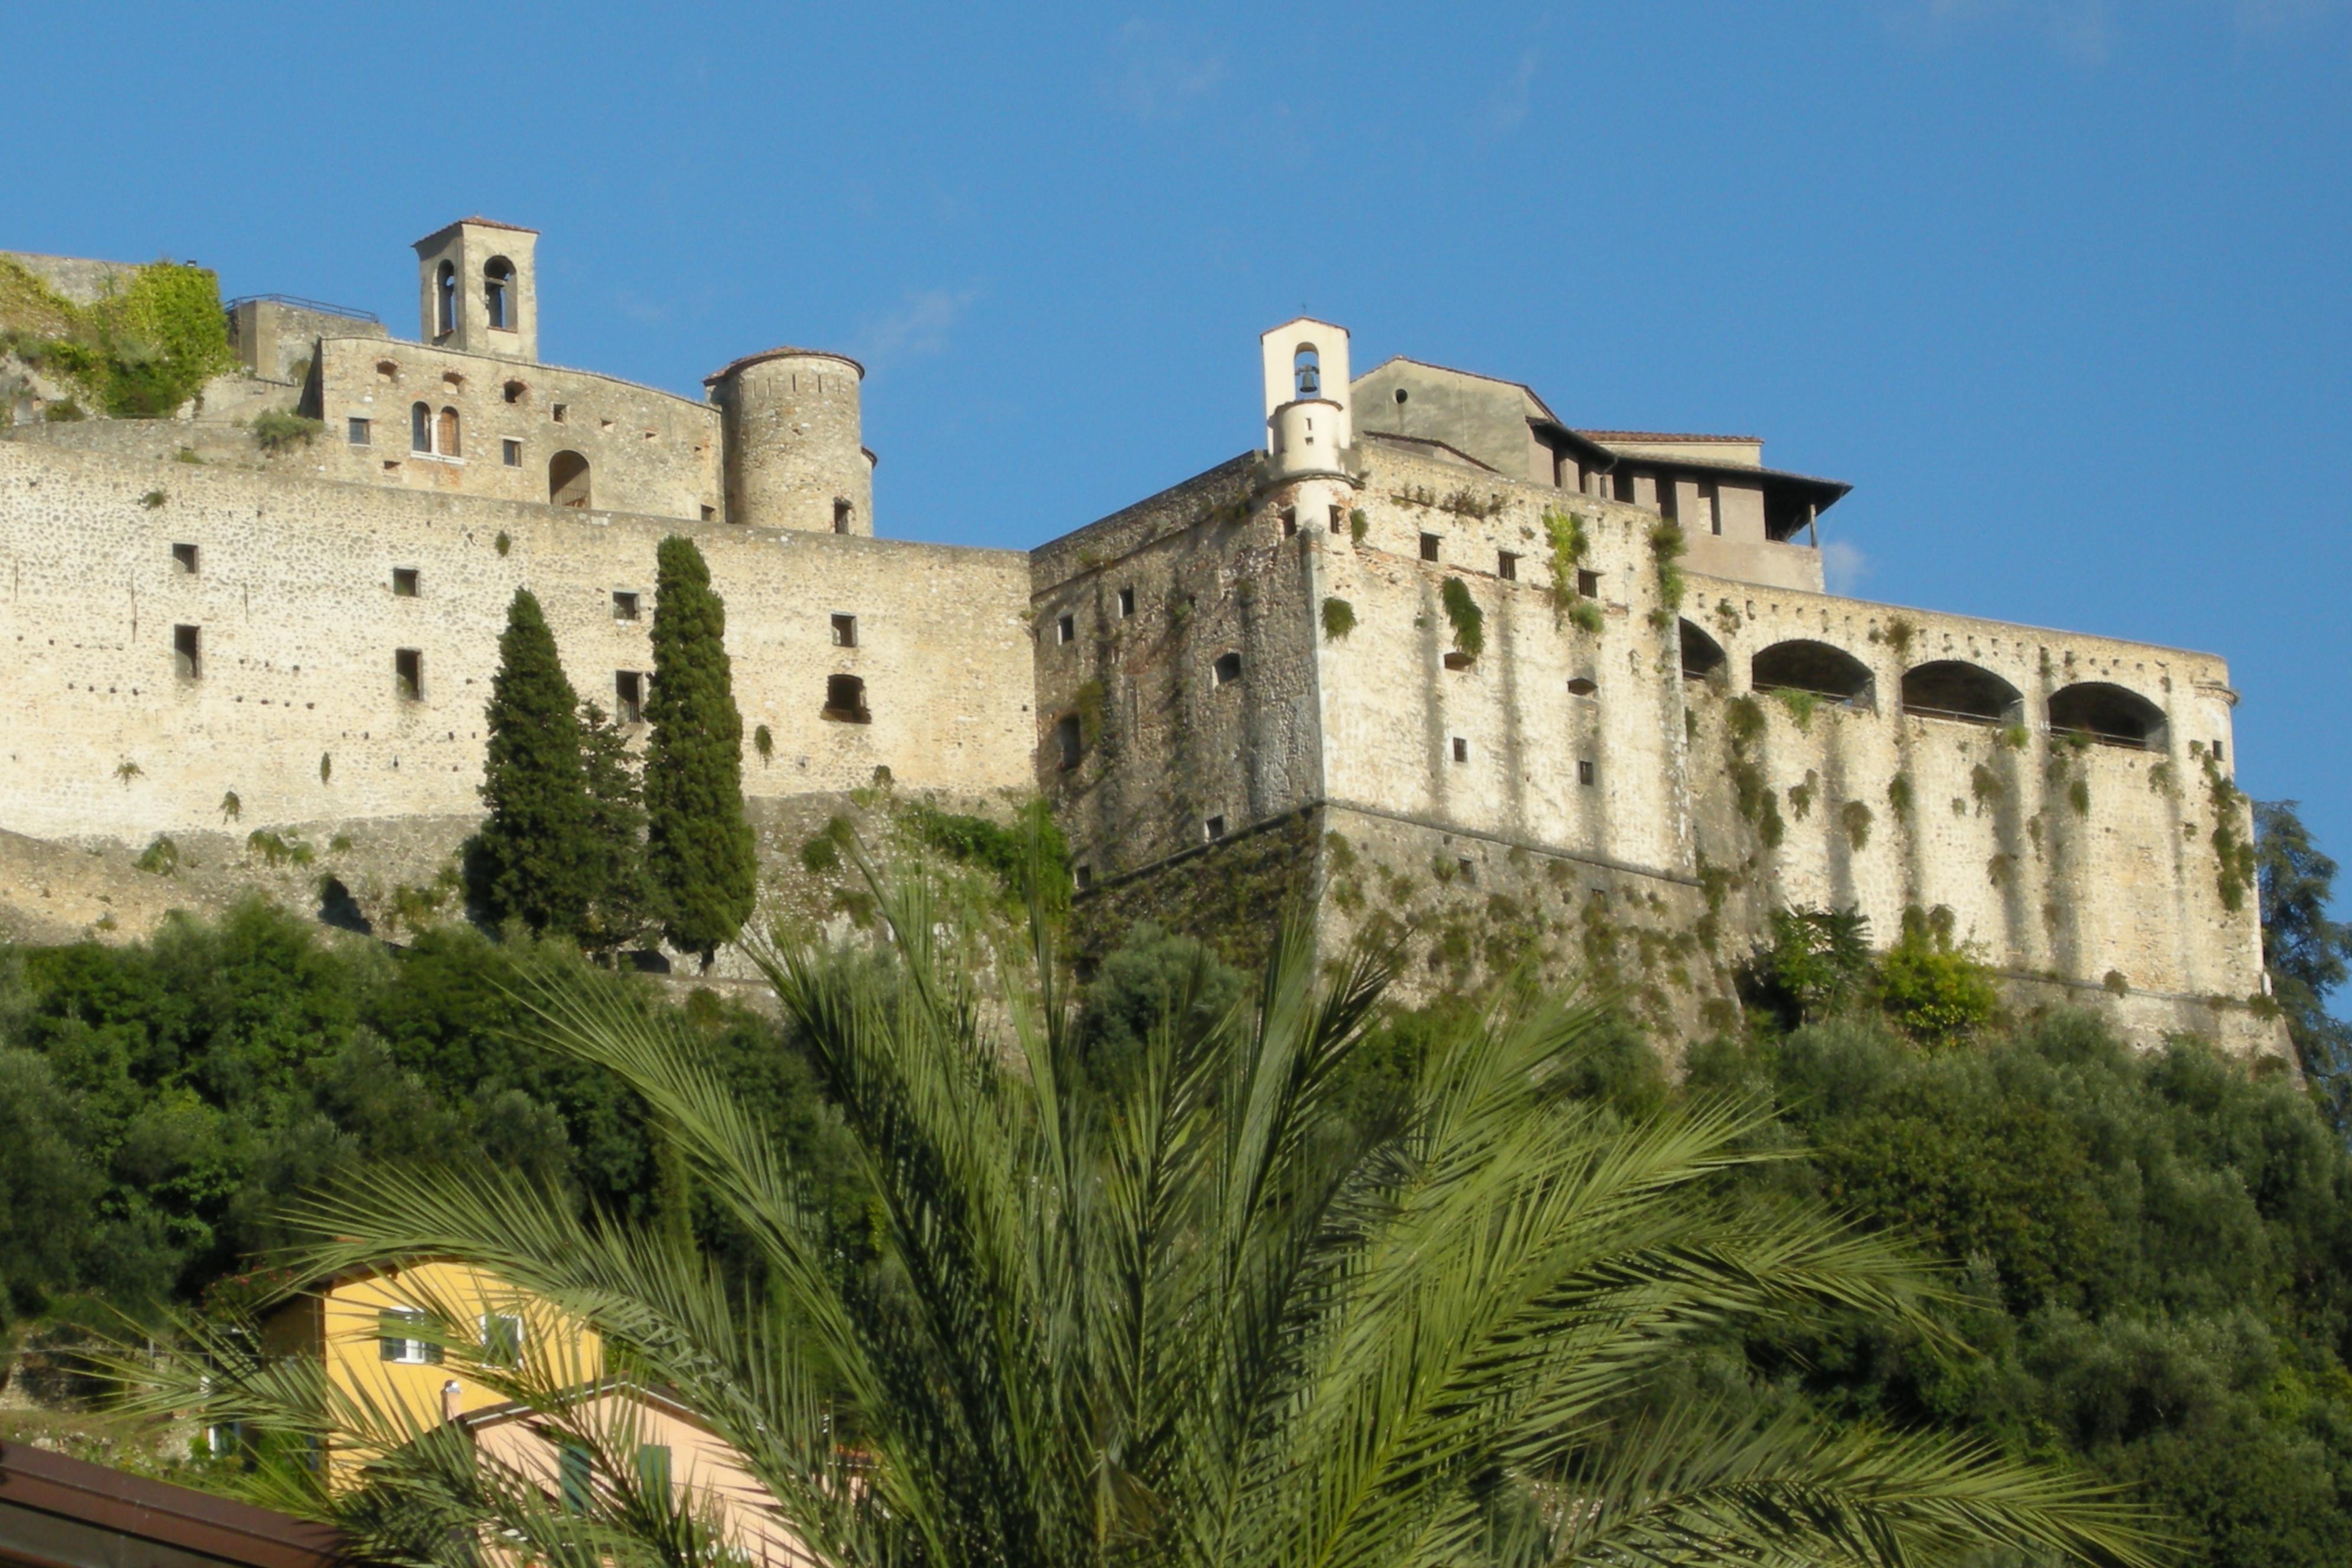 File:Castello Malaspina di Massa, Italia (03).JPG - Wikimedia Commons